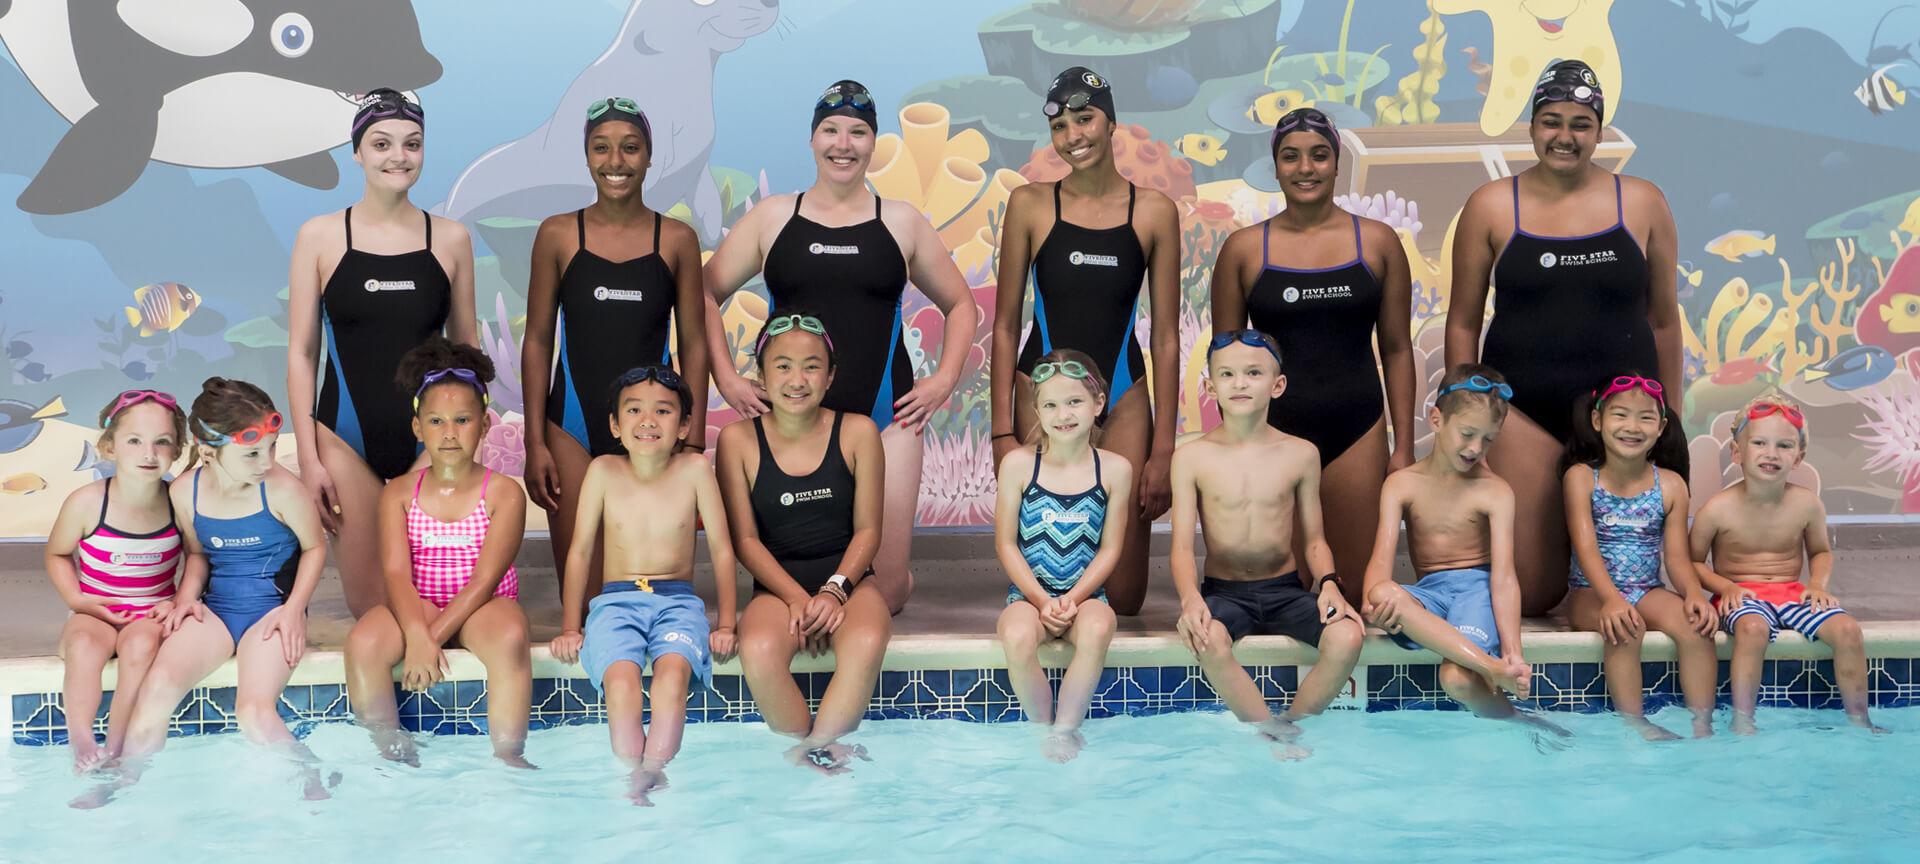 Home five star swim school swimming lessons - Public swimming pools in edison nj ...